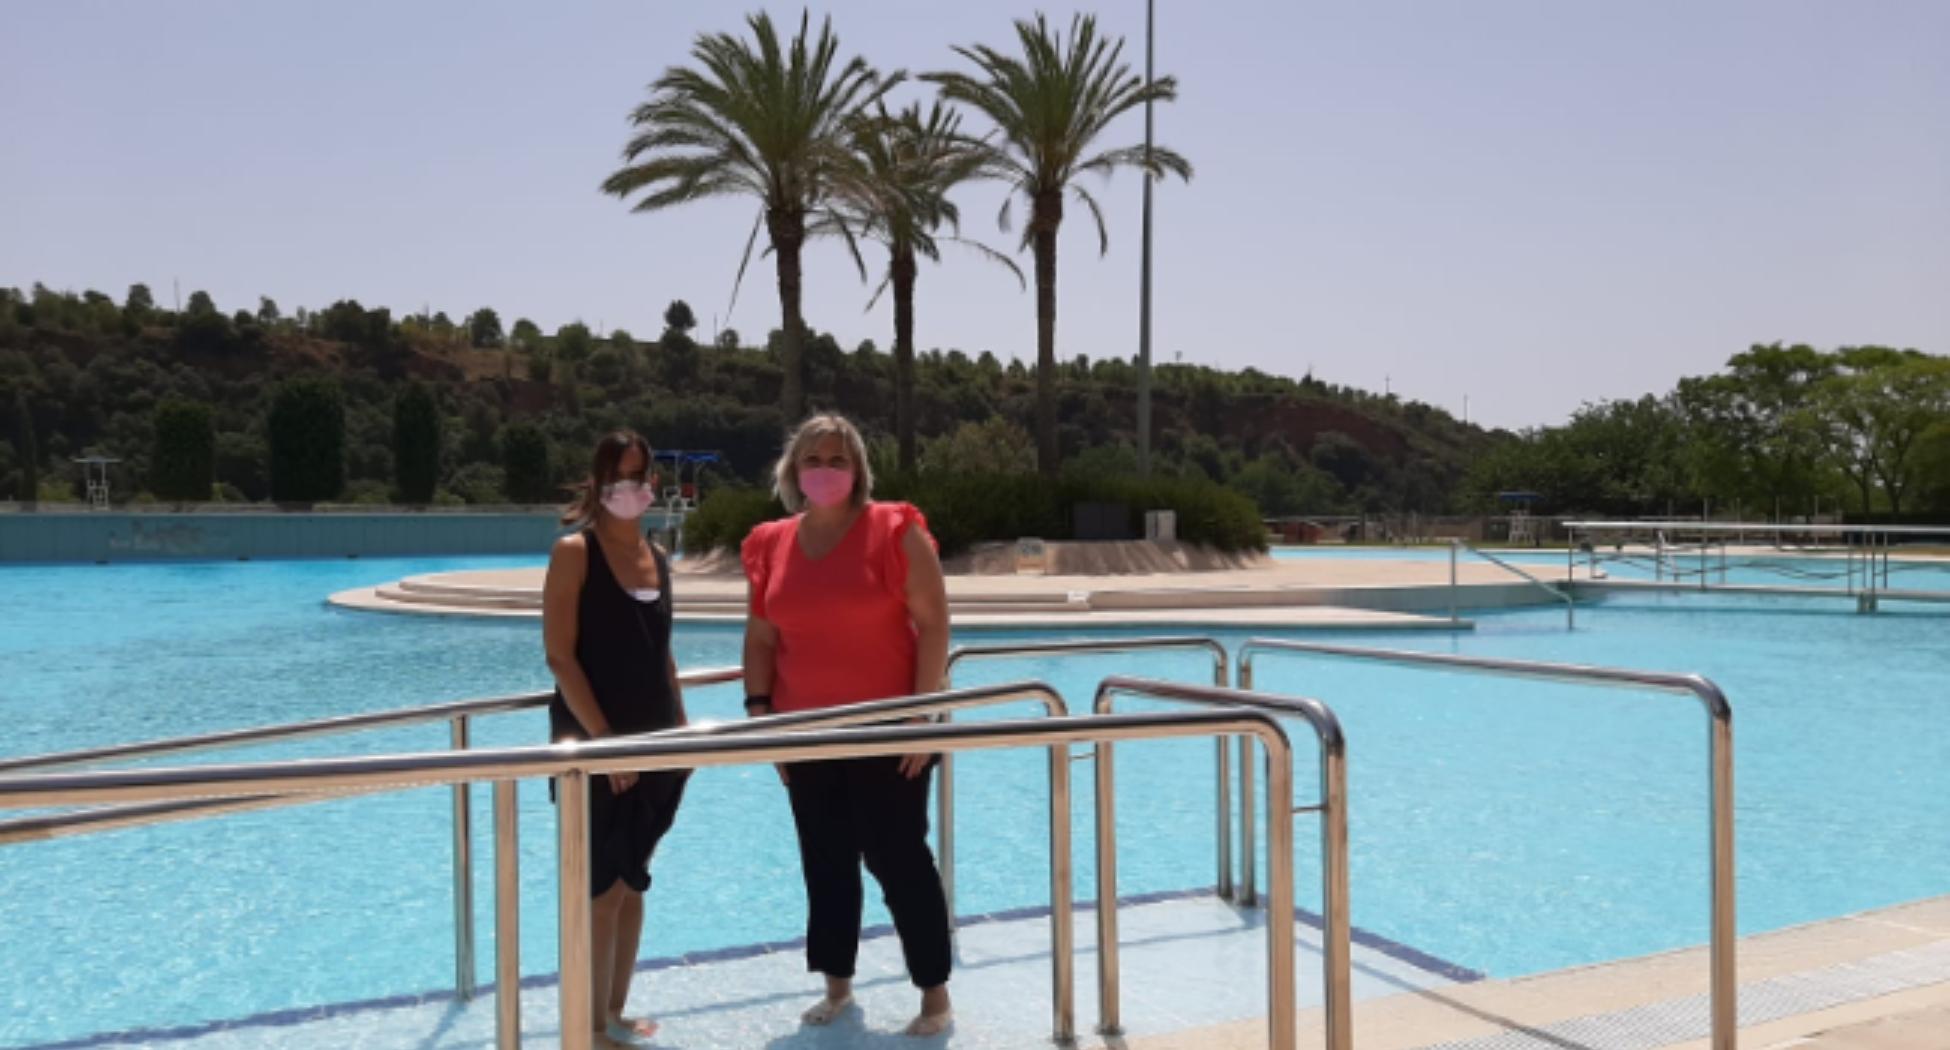 La Bassa i les piscines municipals estan a punt per rebre una nova temporada d'estiu